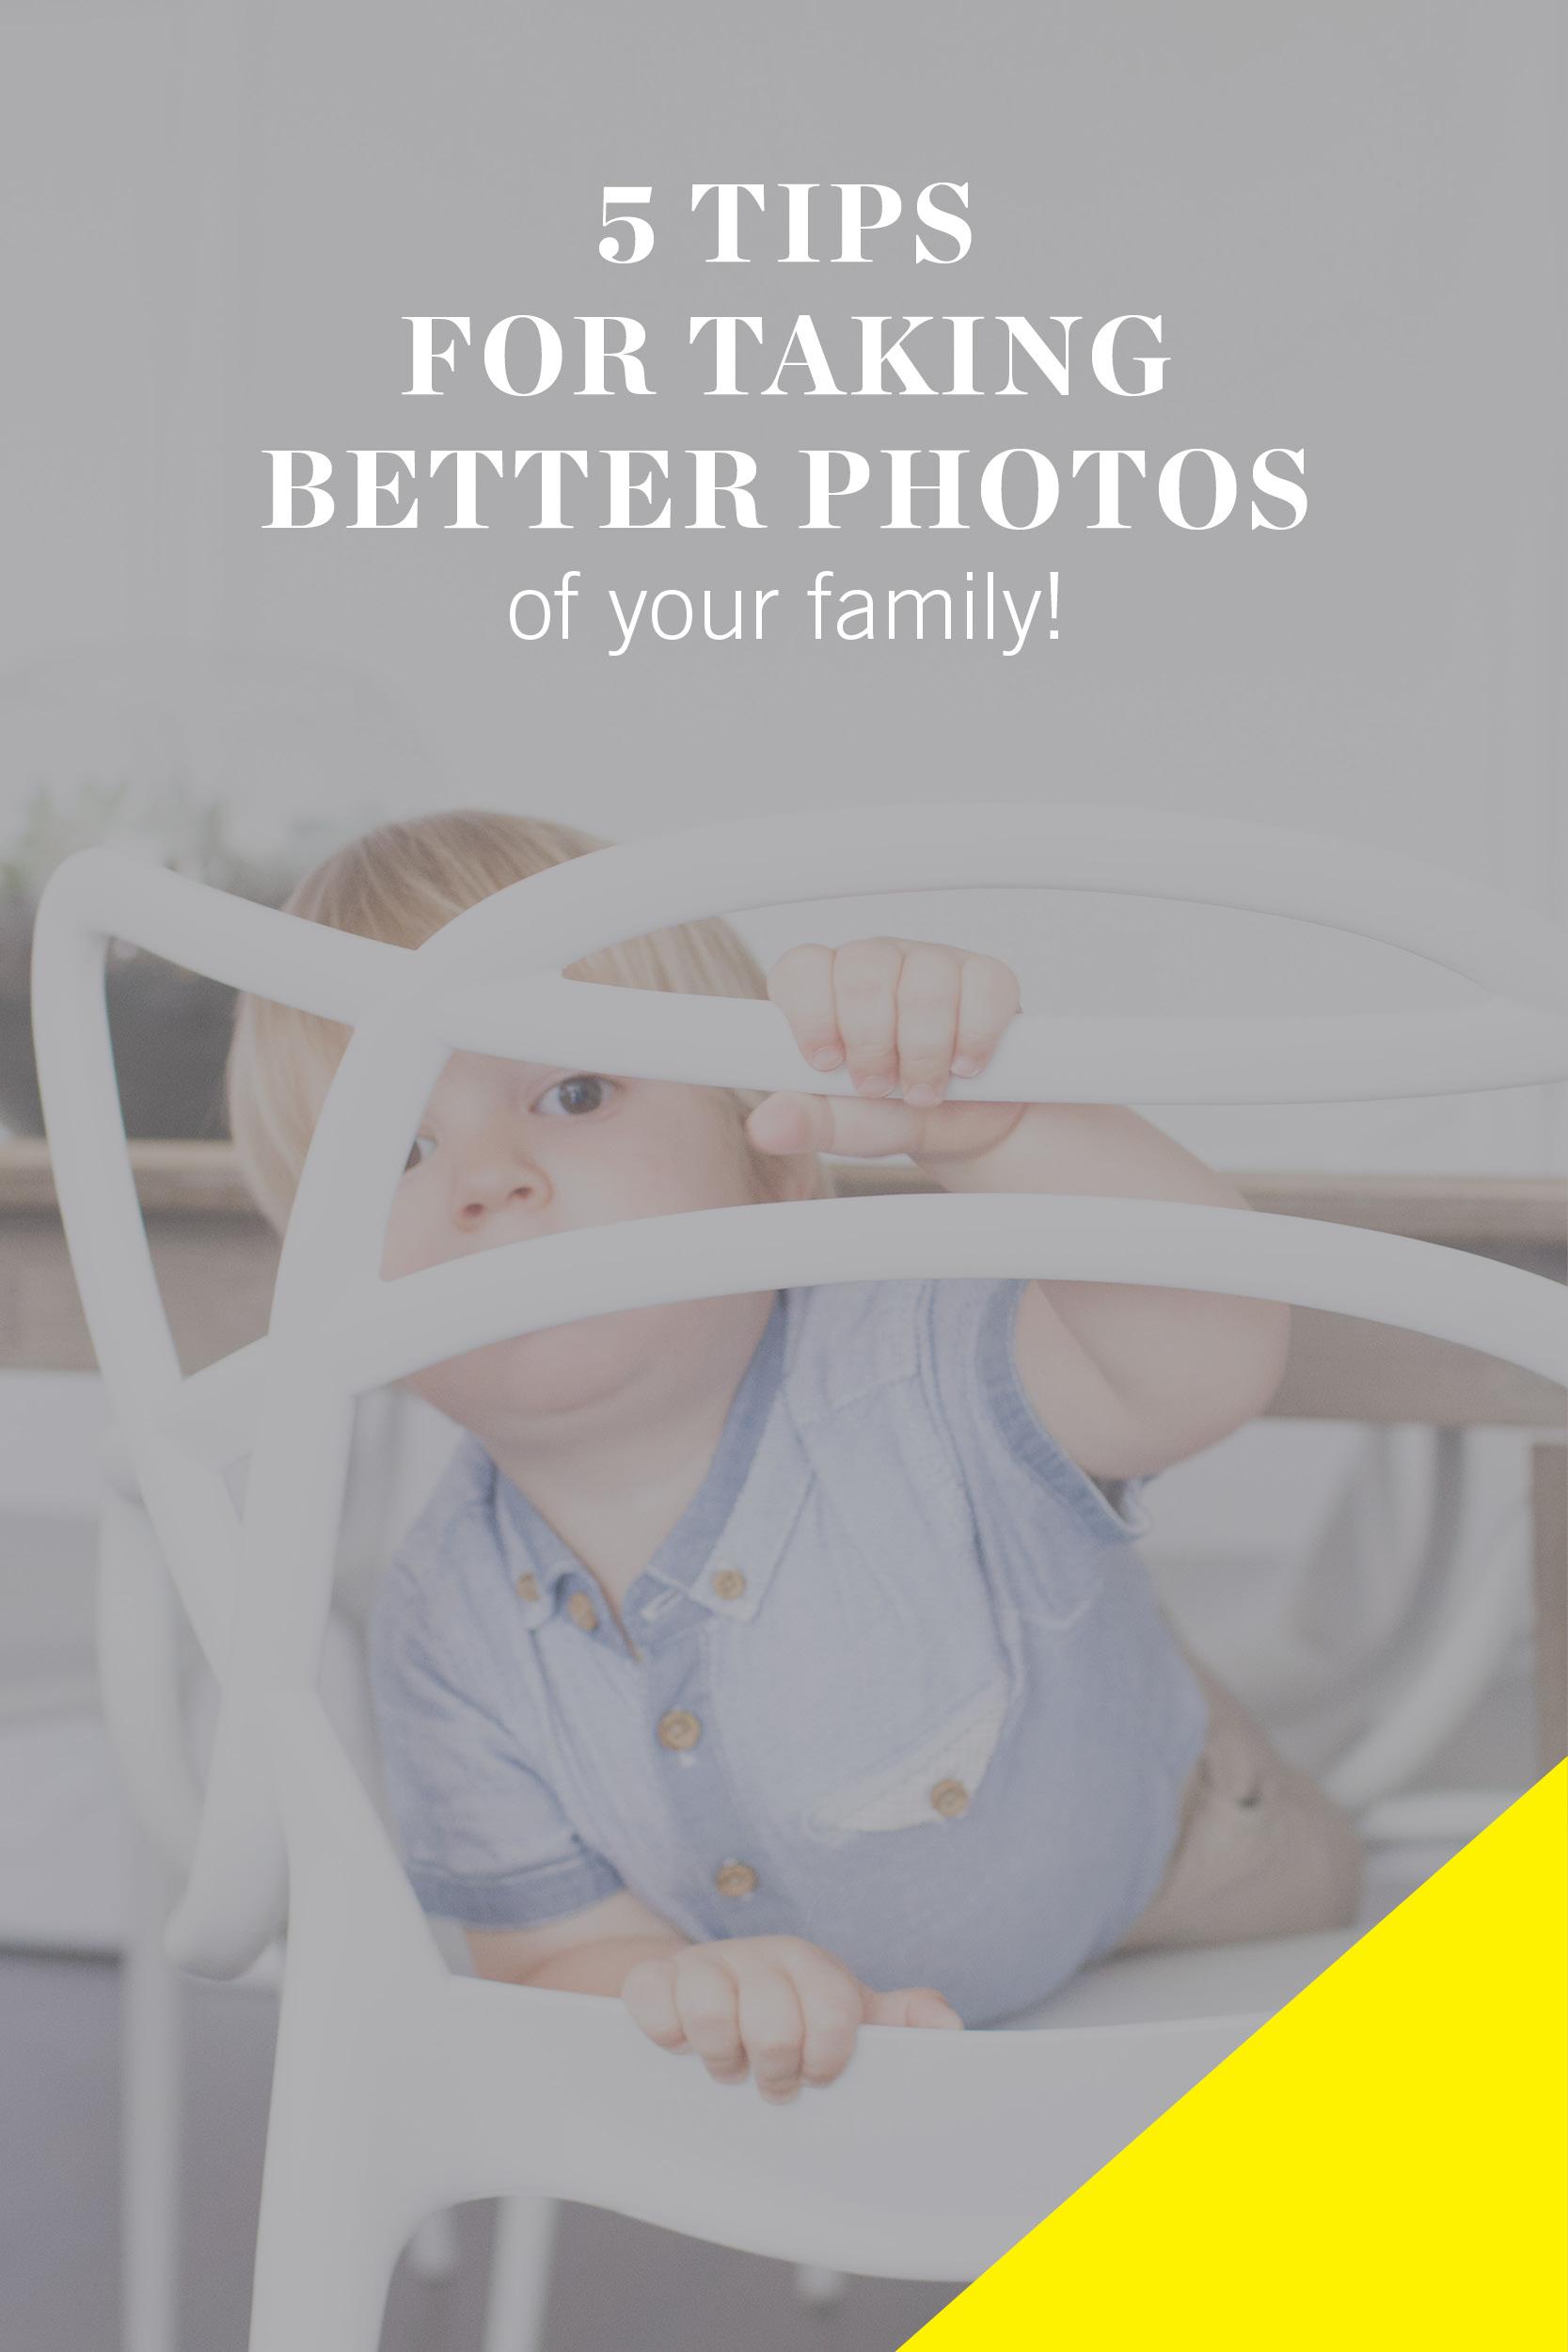 5-Tips-for-better-photos_JenAllisonPhotography.jpg